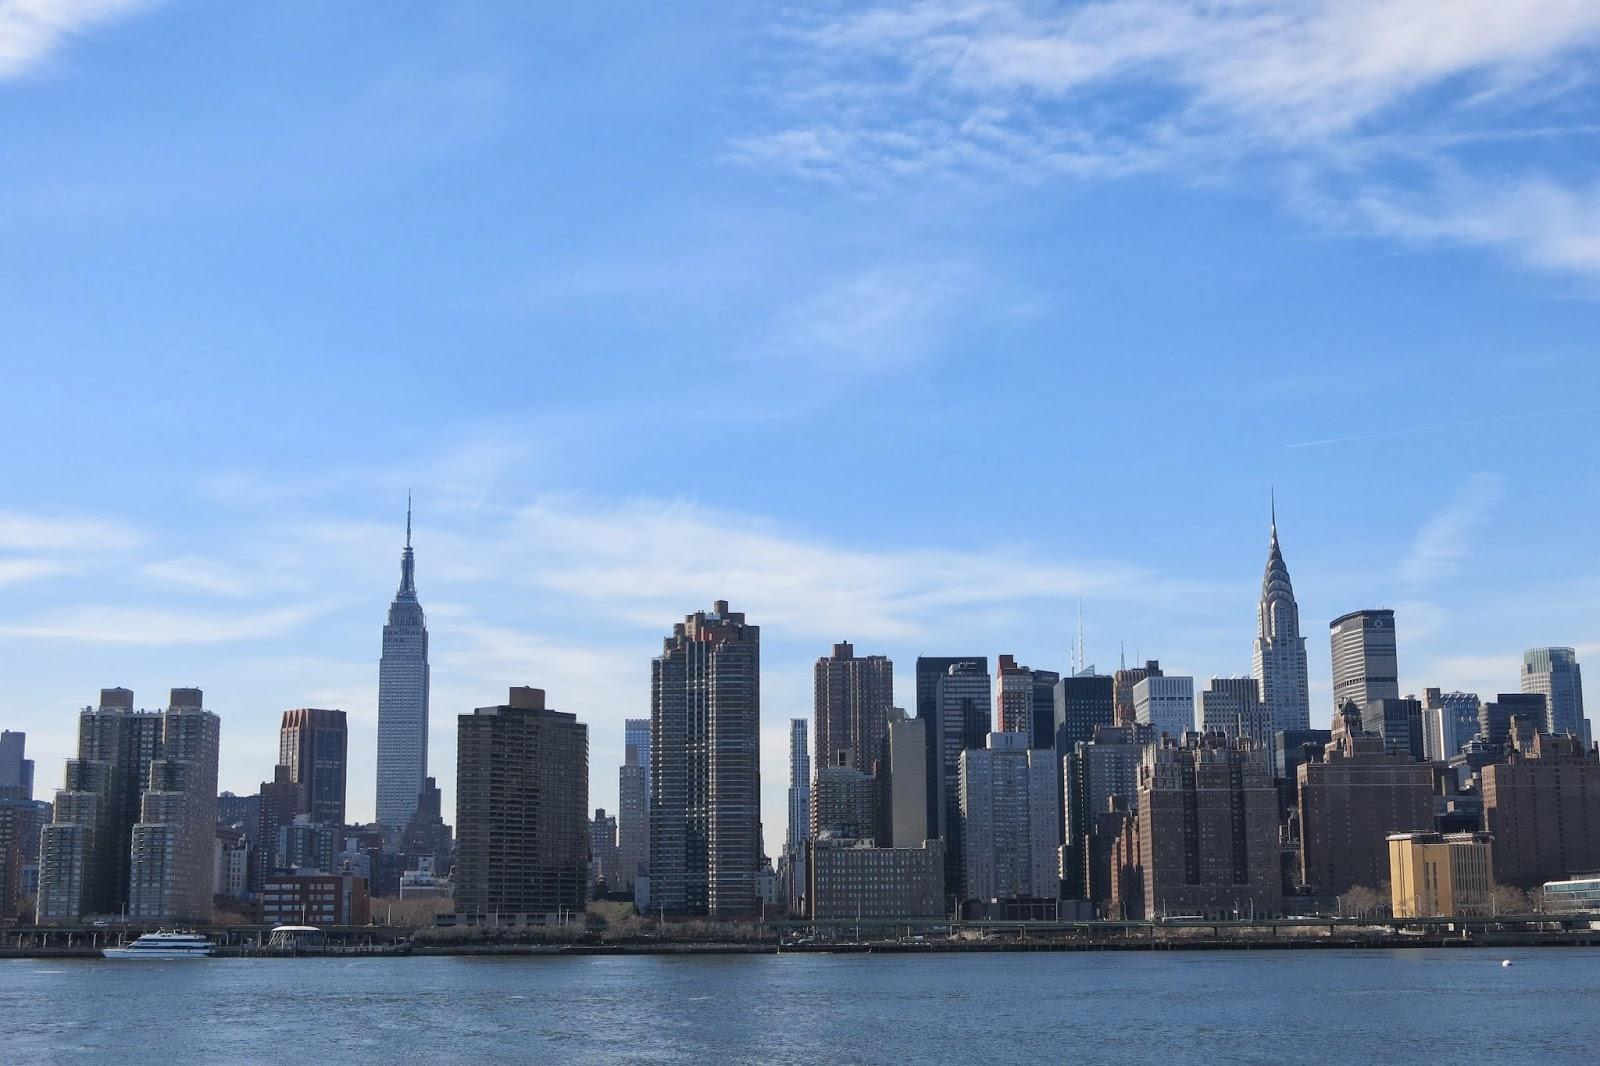 fda9ee1df8 Qual o mais belo arranha-céu de New York  The Chrysler Building ...